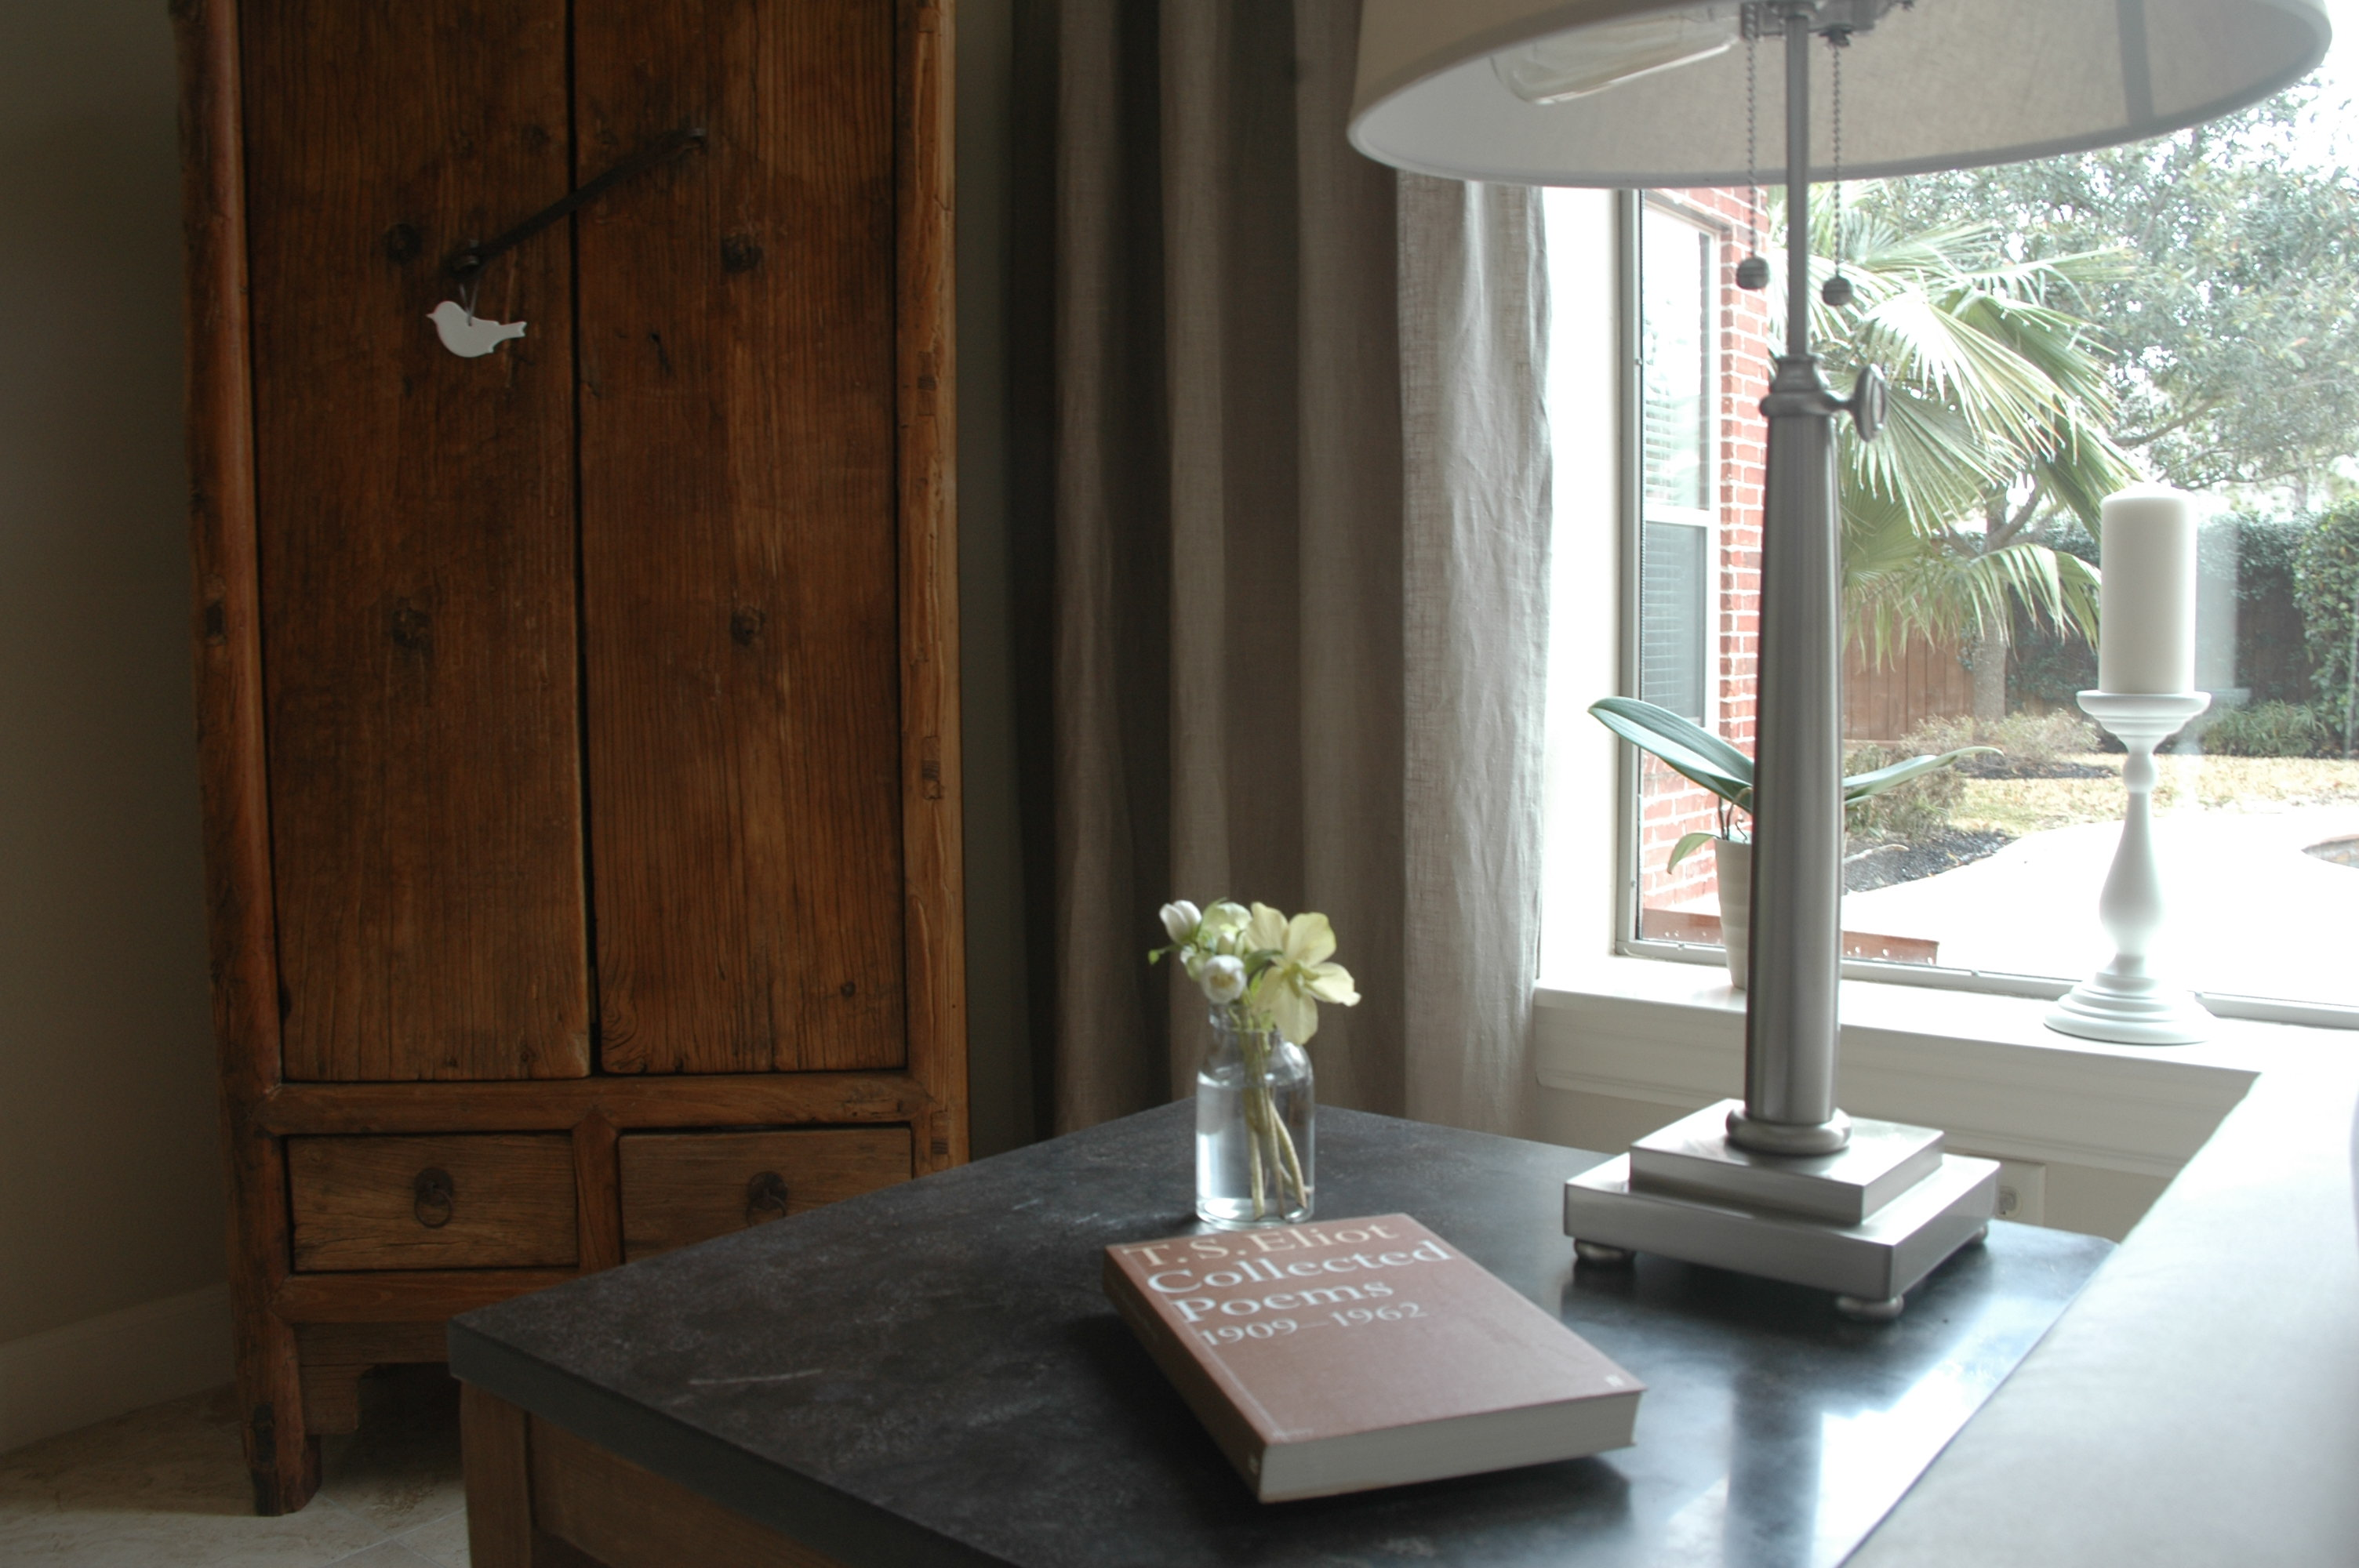 Kast Voor Woonkamer : grote houten kast voor woonkamer